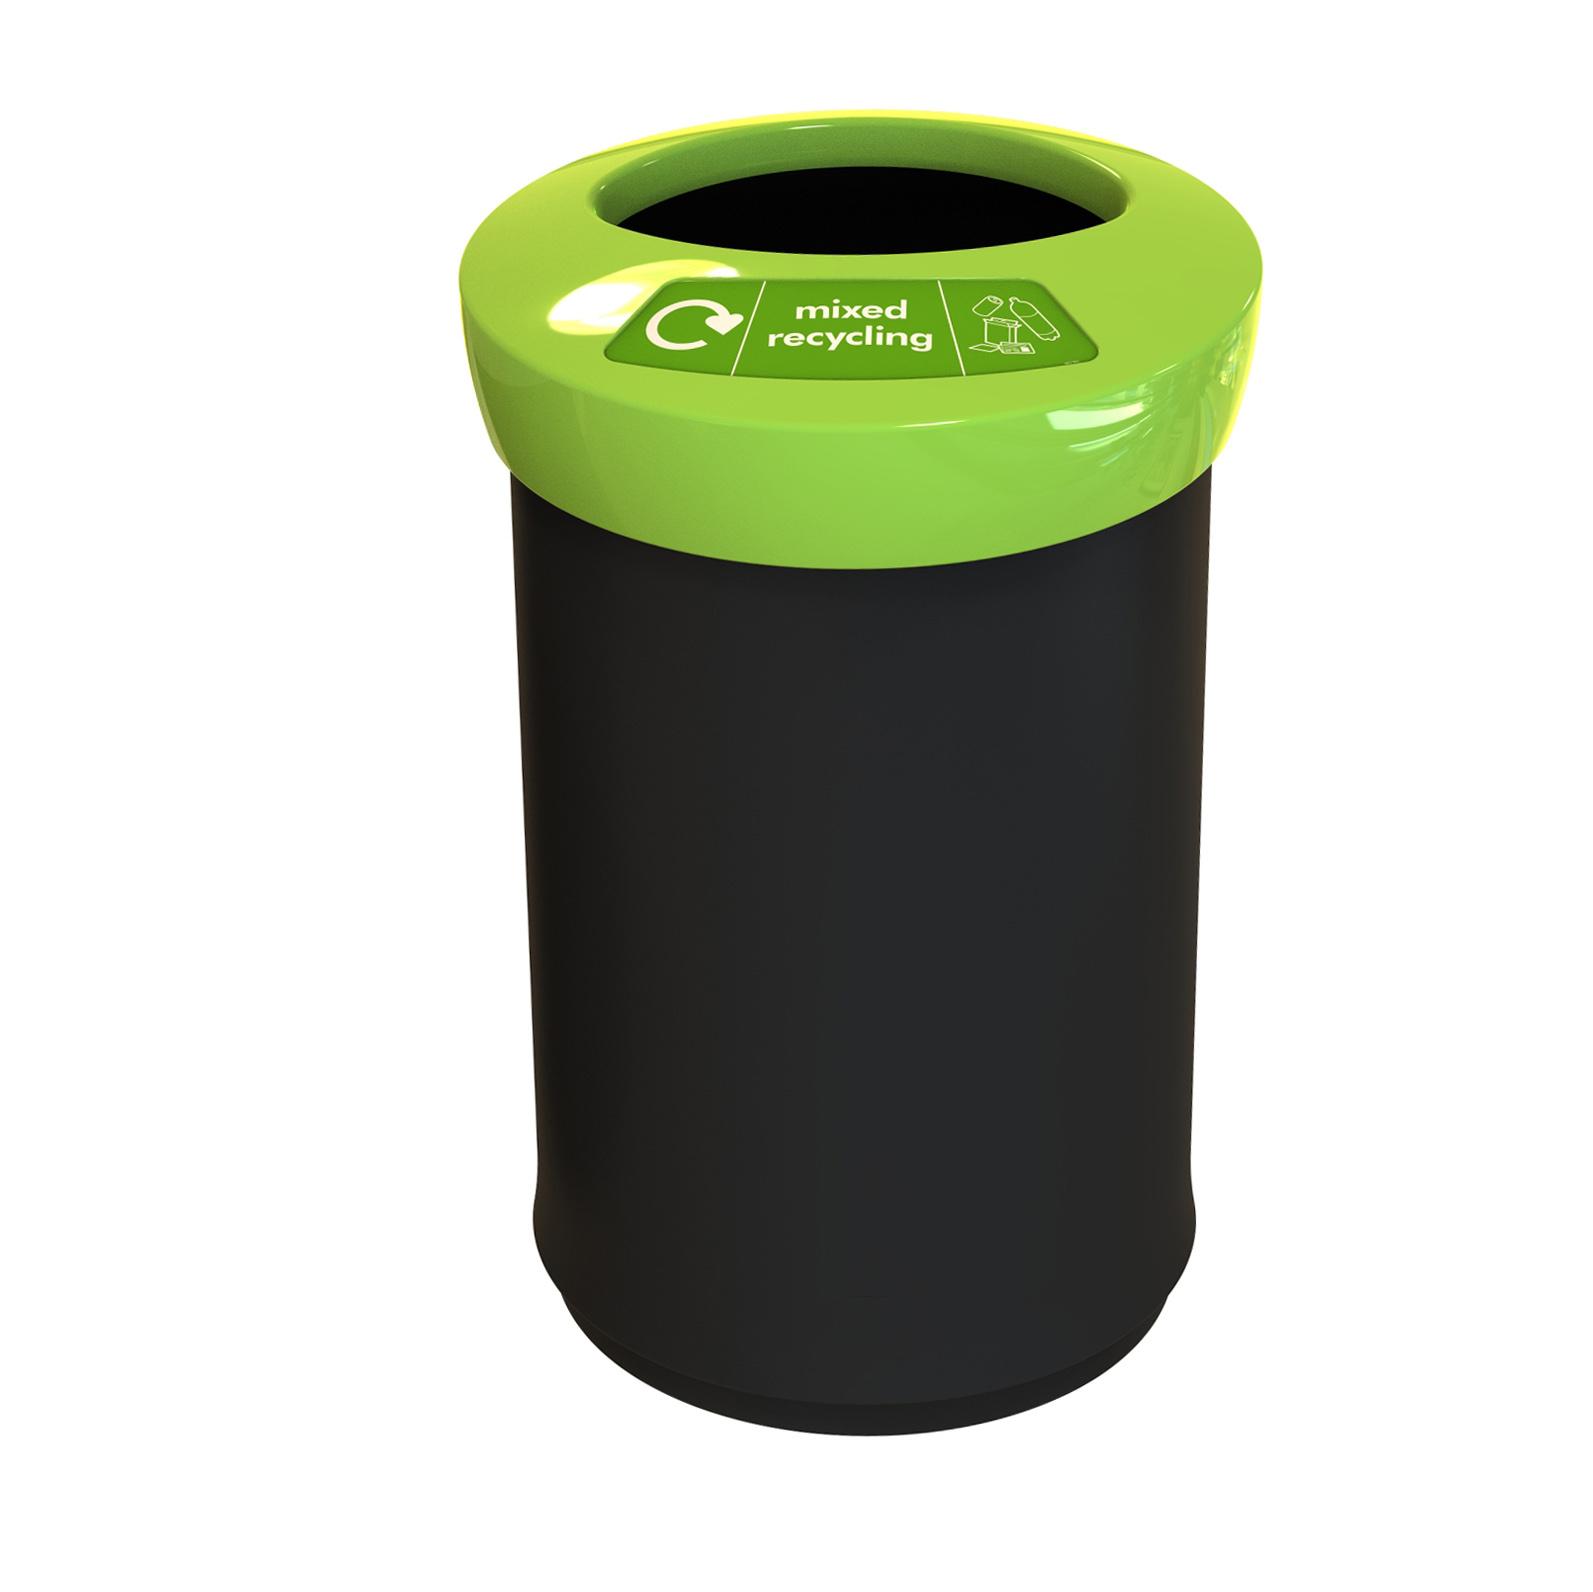 EcoAce-tall-mix-rec